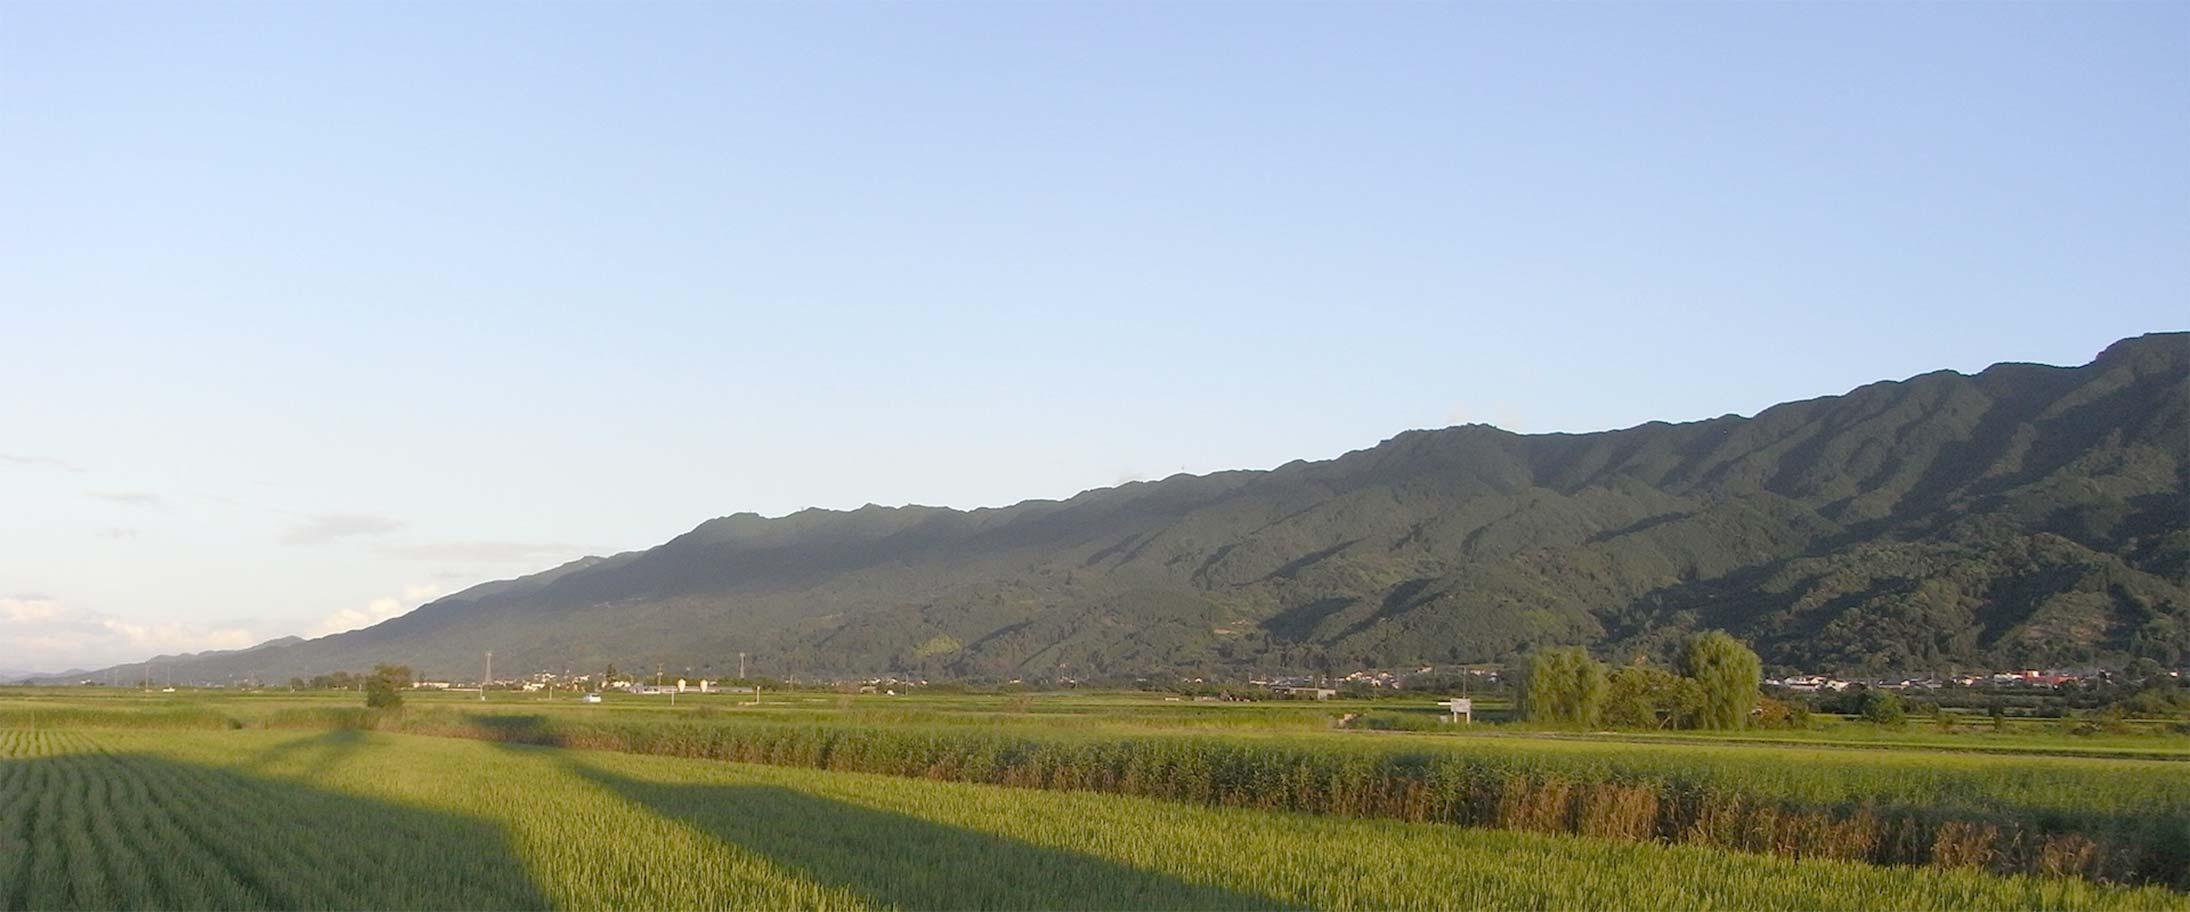 ヒュッゲやまもと 耳納連山を望む